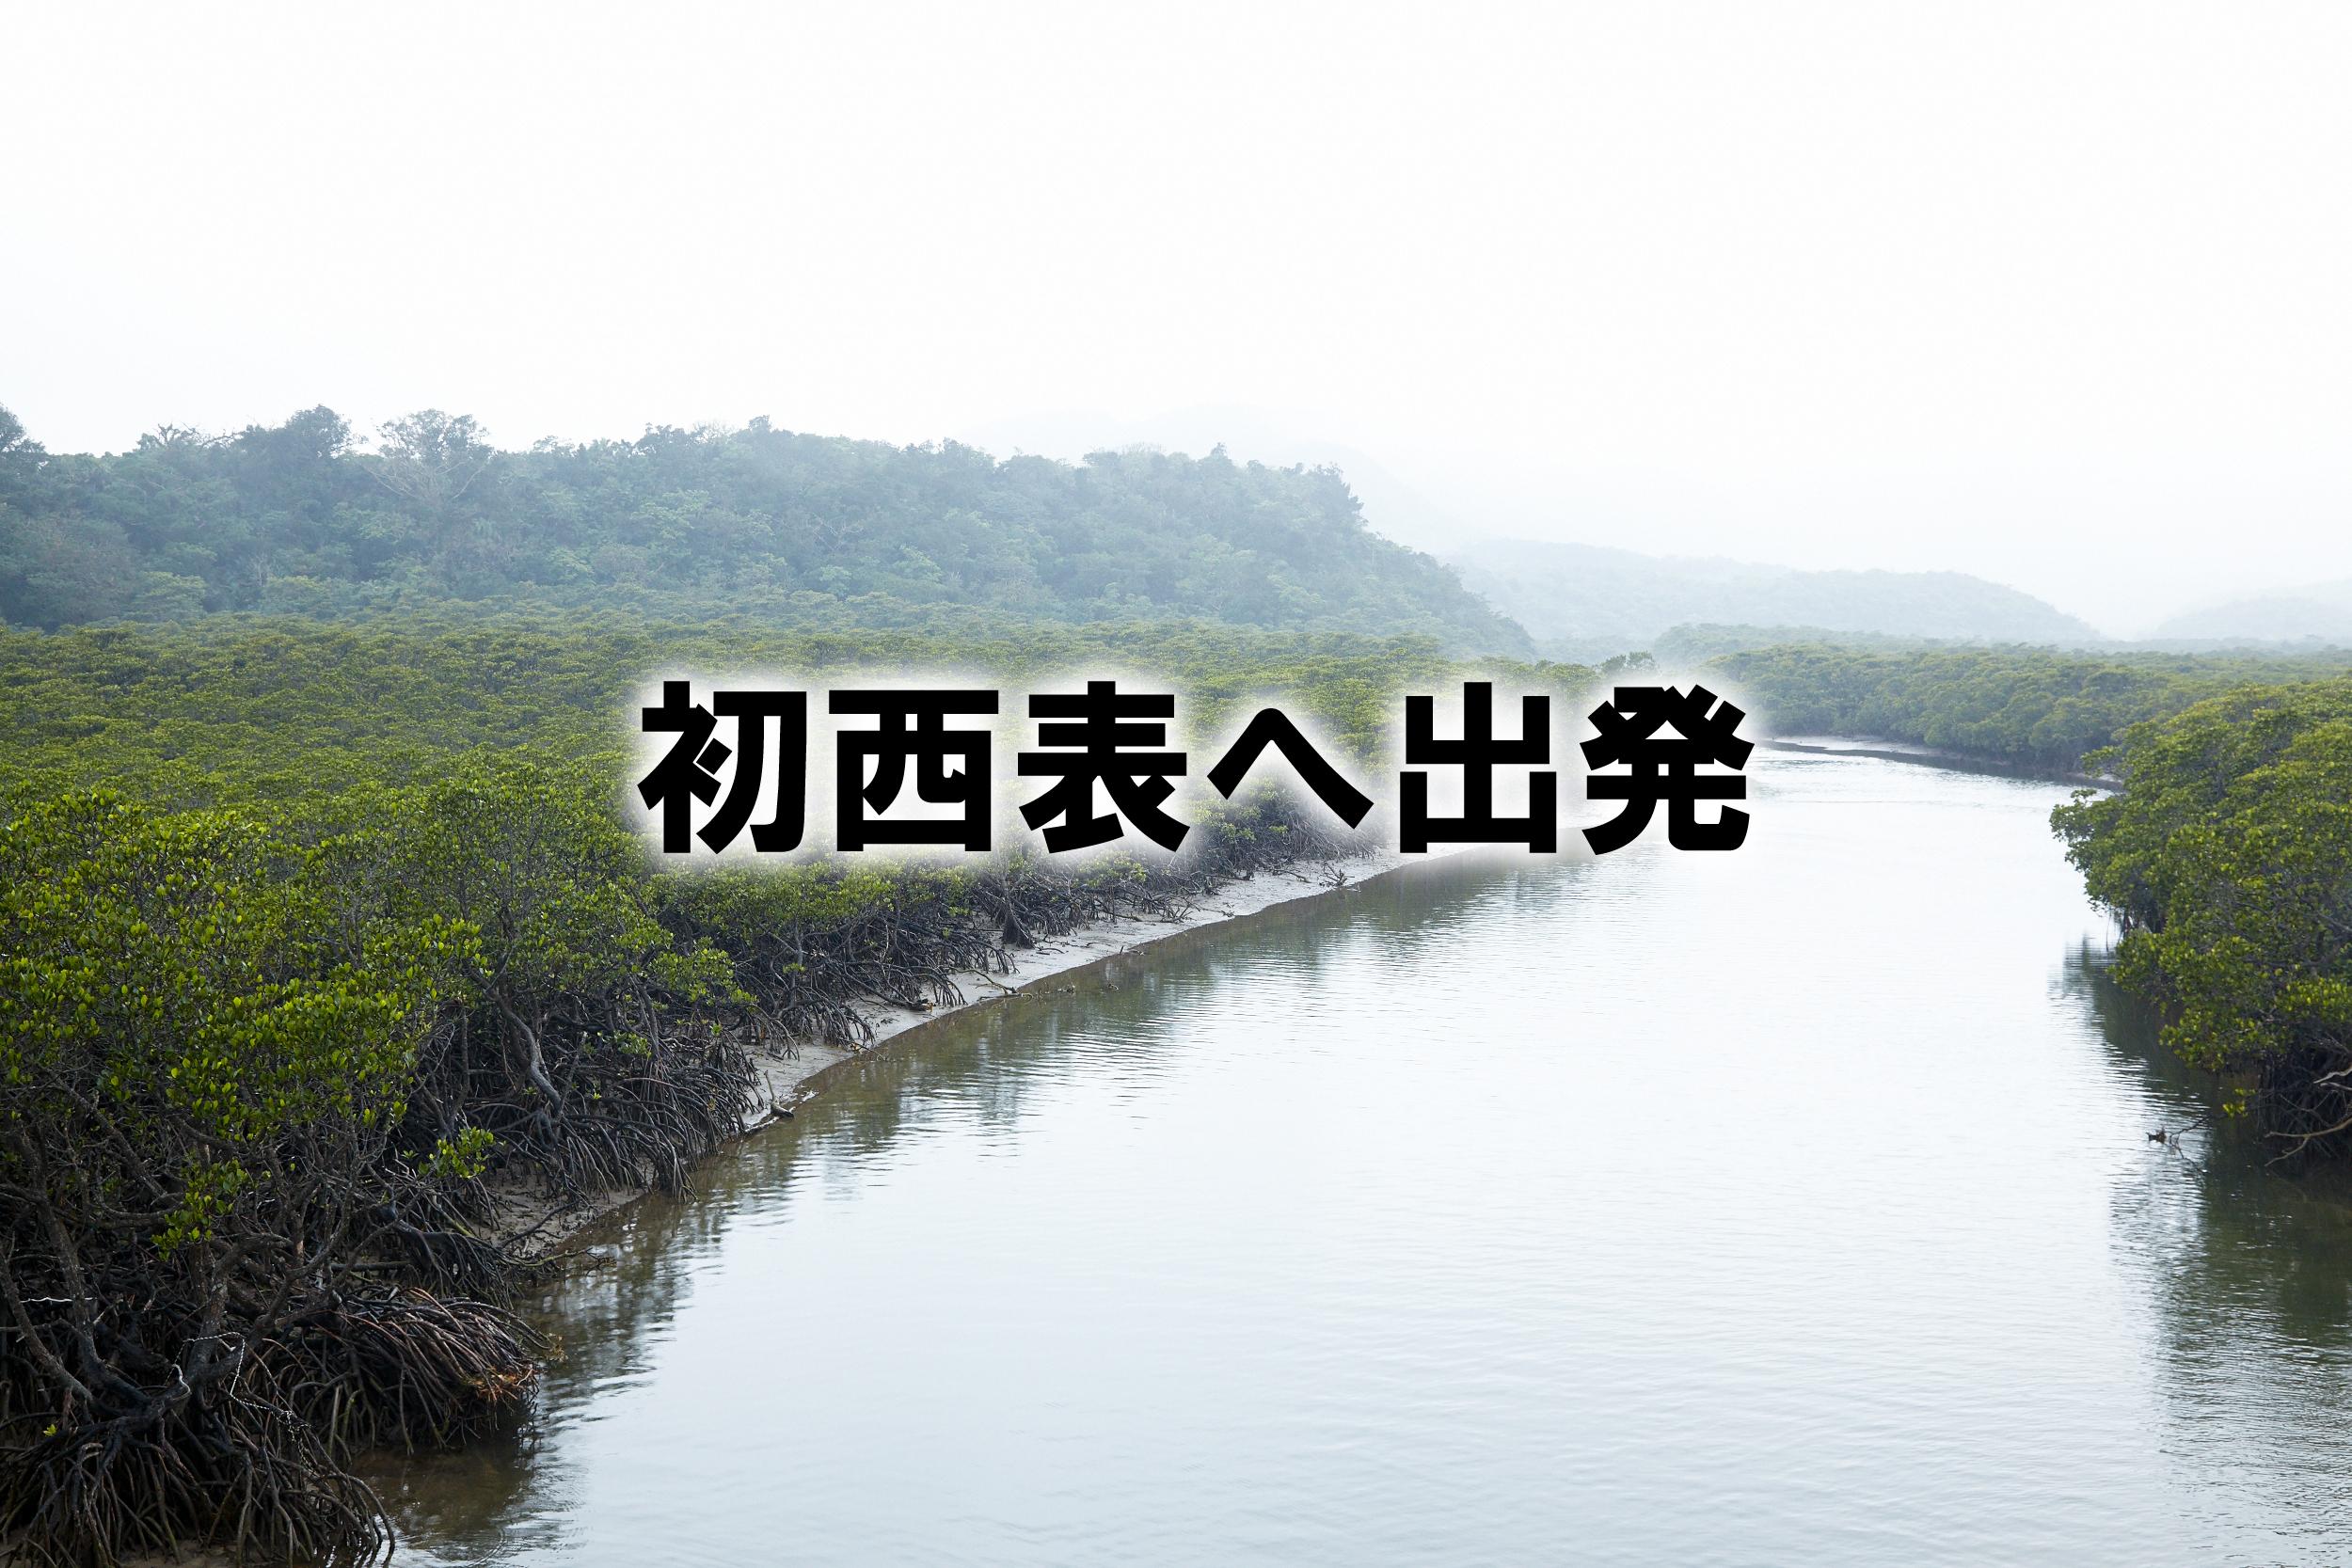 【初西表へ出発】